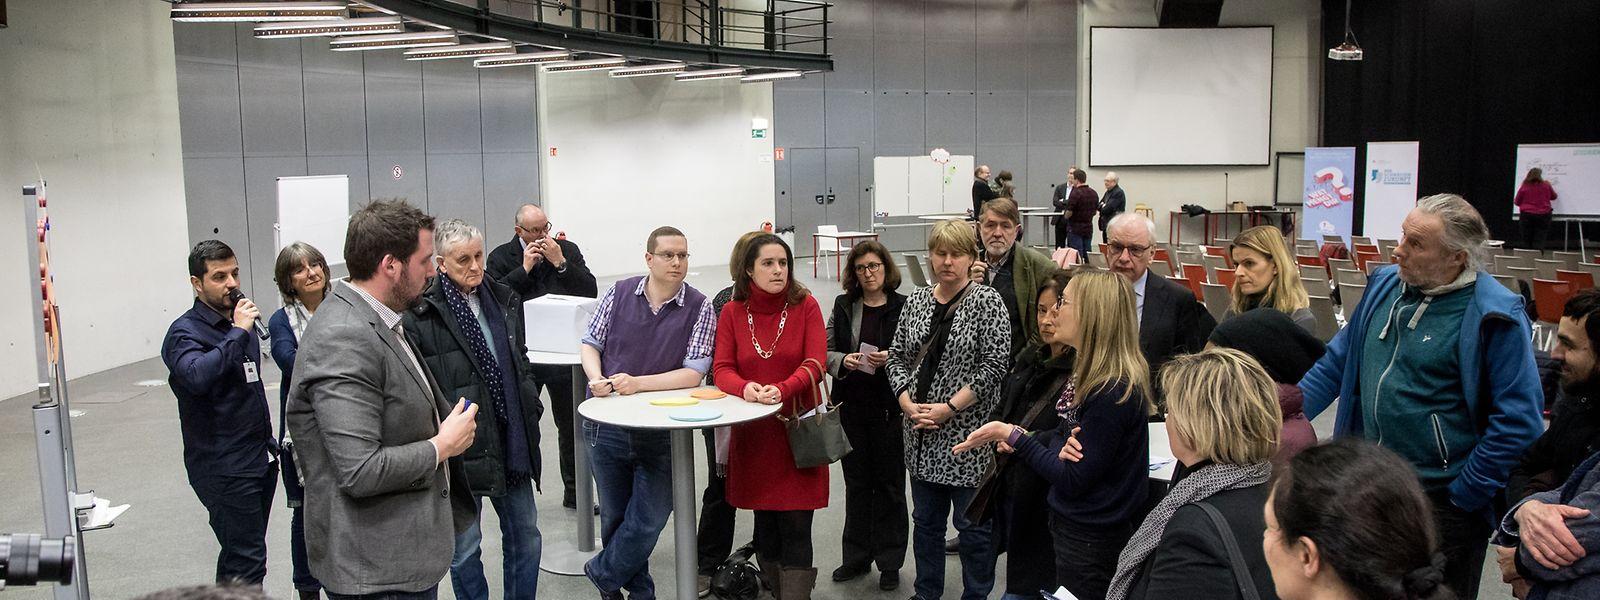 Bei den jeweiligen Veranstaltungen wurde, wie hier am 28. Februar 2018 auf dem Campus Geesse-knäppchen, rege über Vorschläge zur Förderung des Luxemburgischen debattiert.